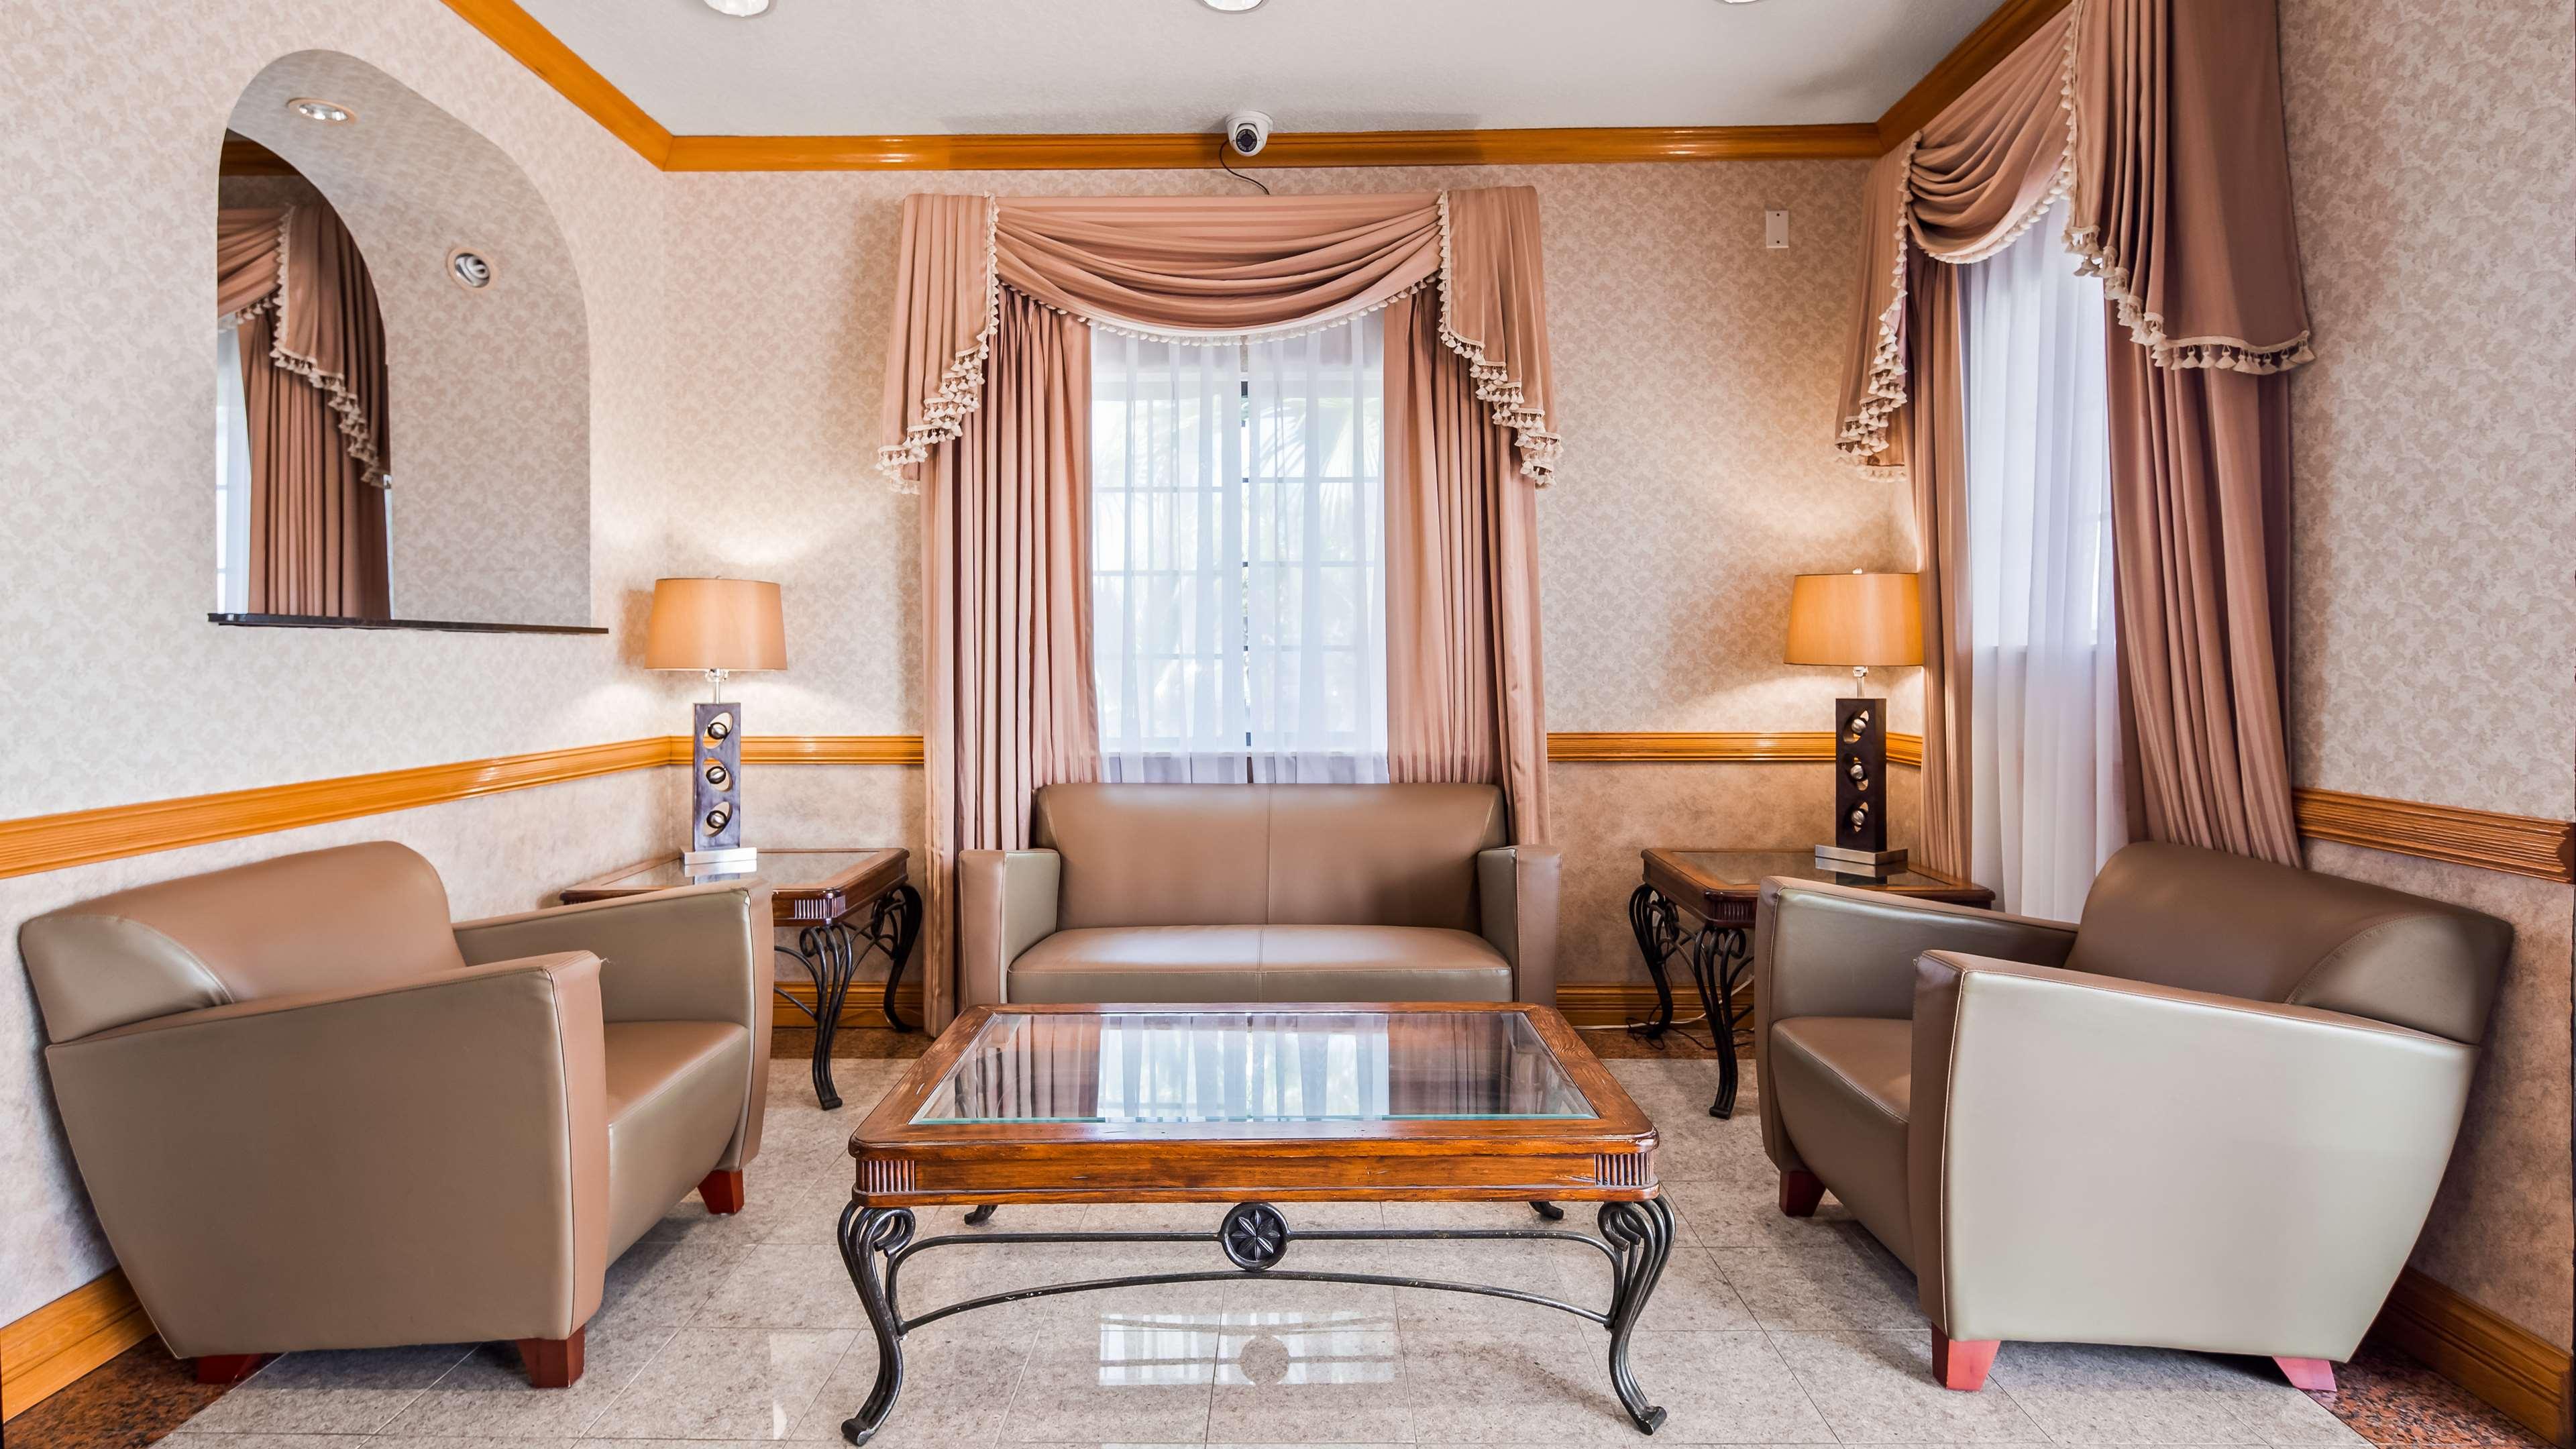 SureStay Hotel by Best Western Falfurrias image 20